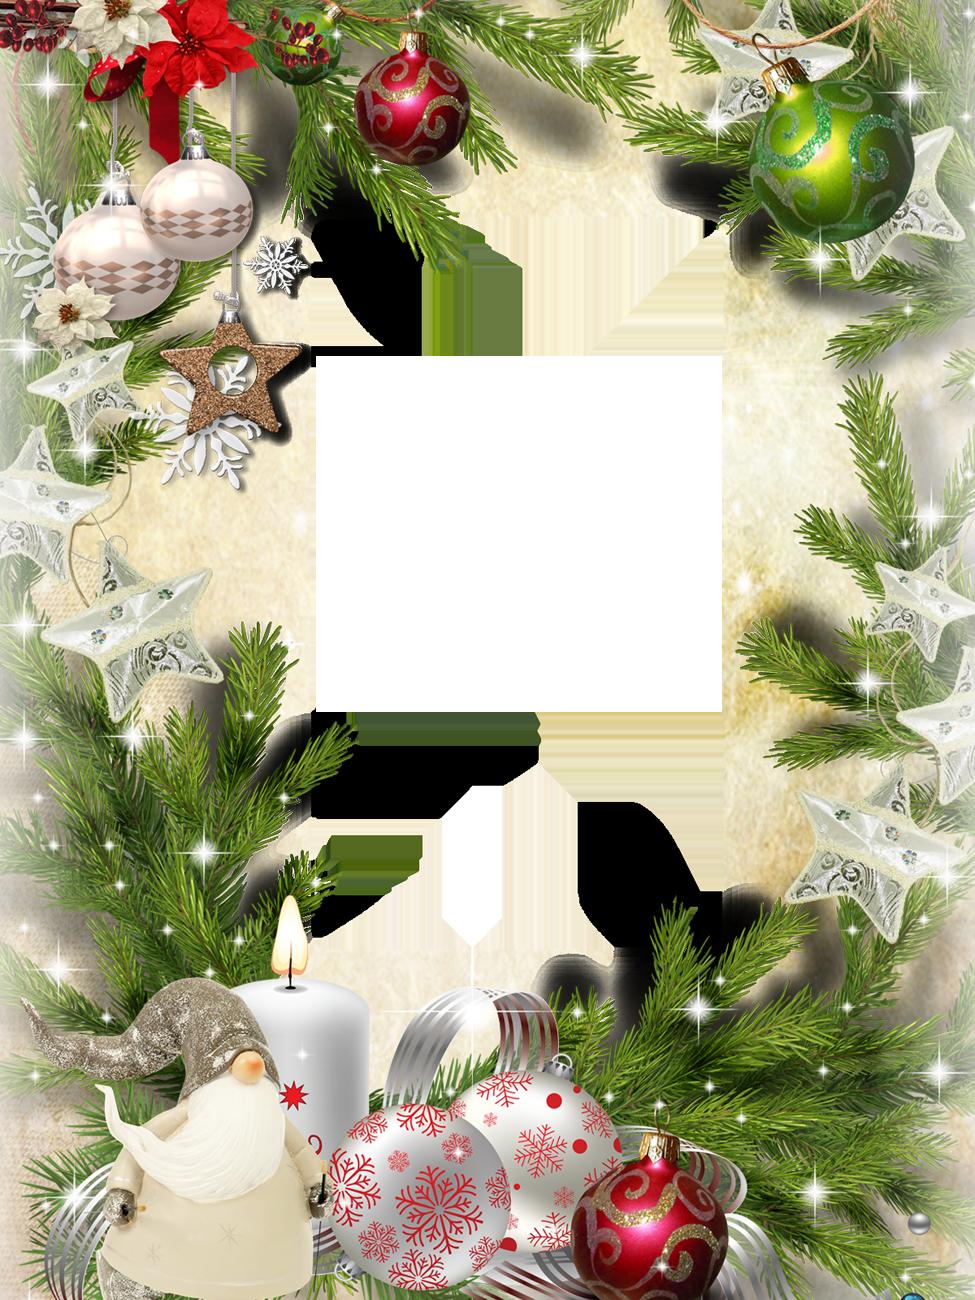 Капельки росы, рамки для новогодних открыток 2019